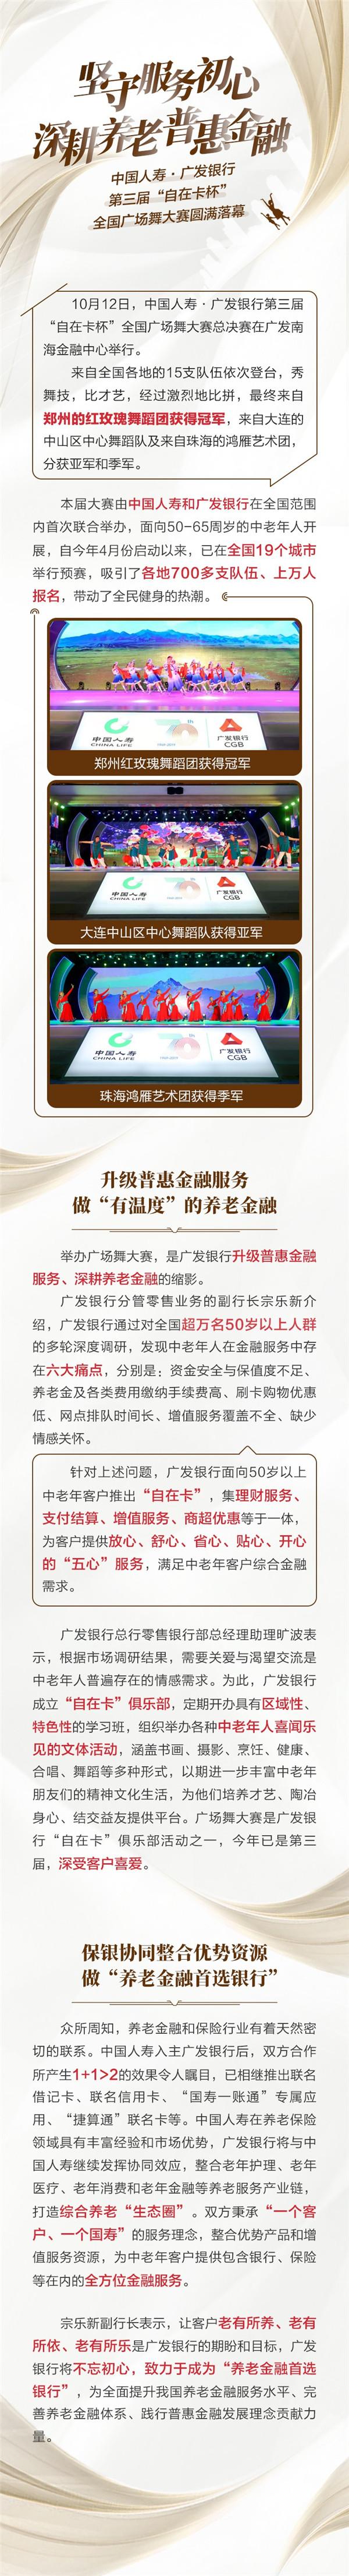 20191017国寿广发广场舞大赛.jpg